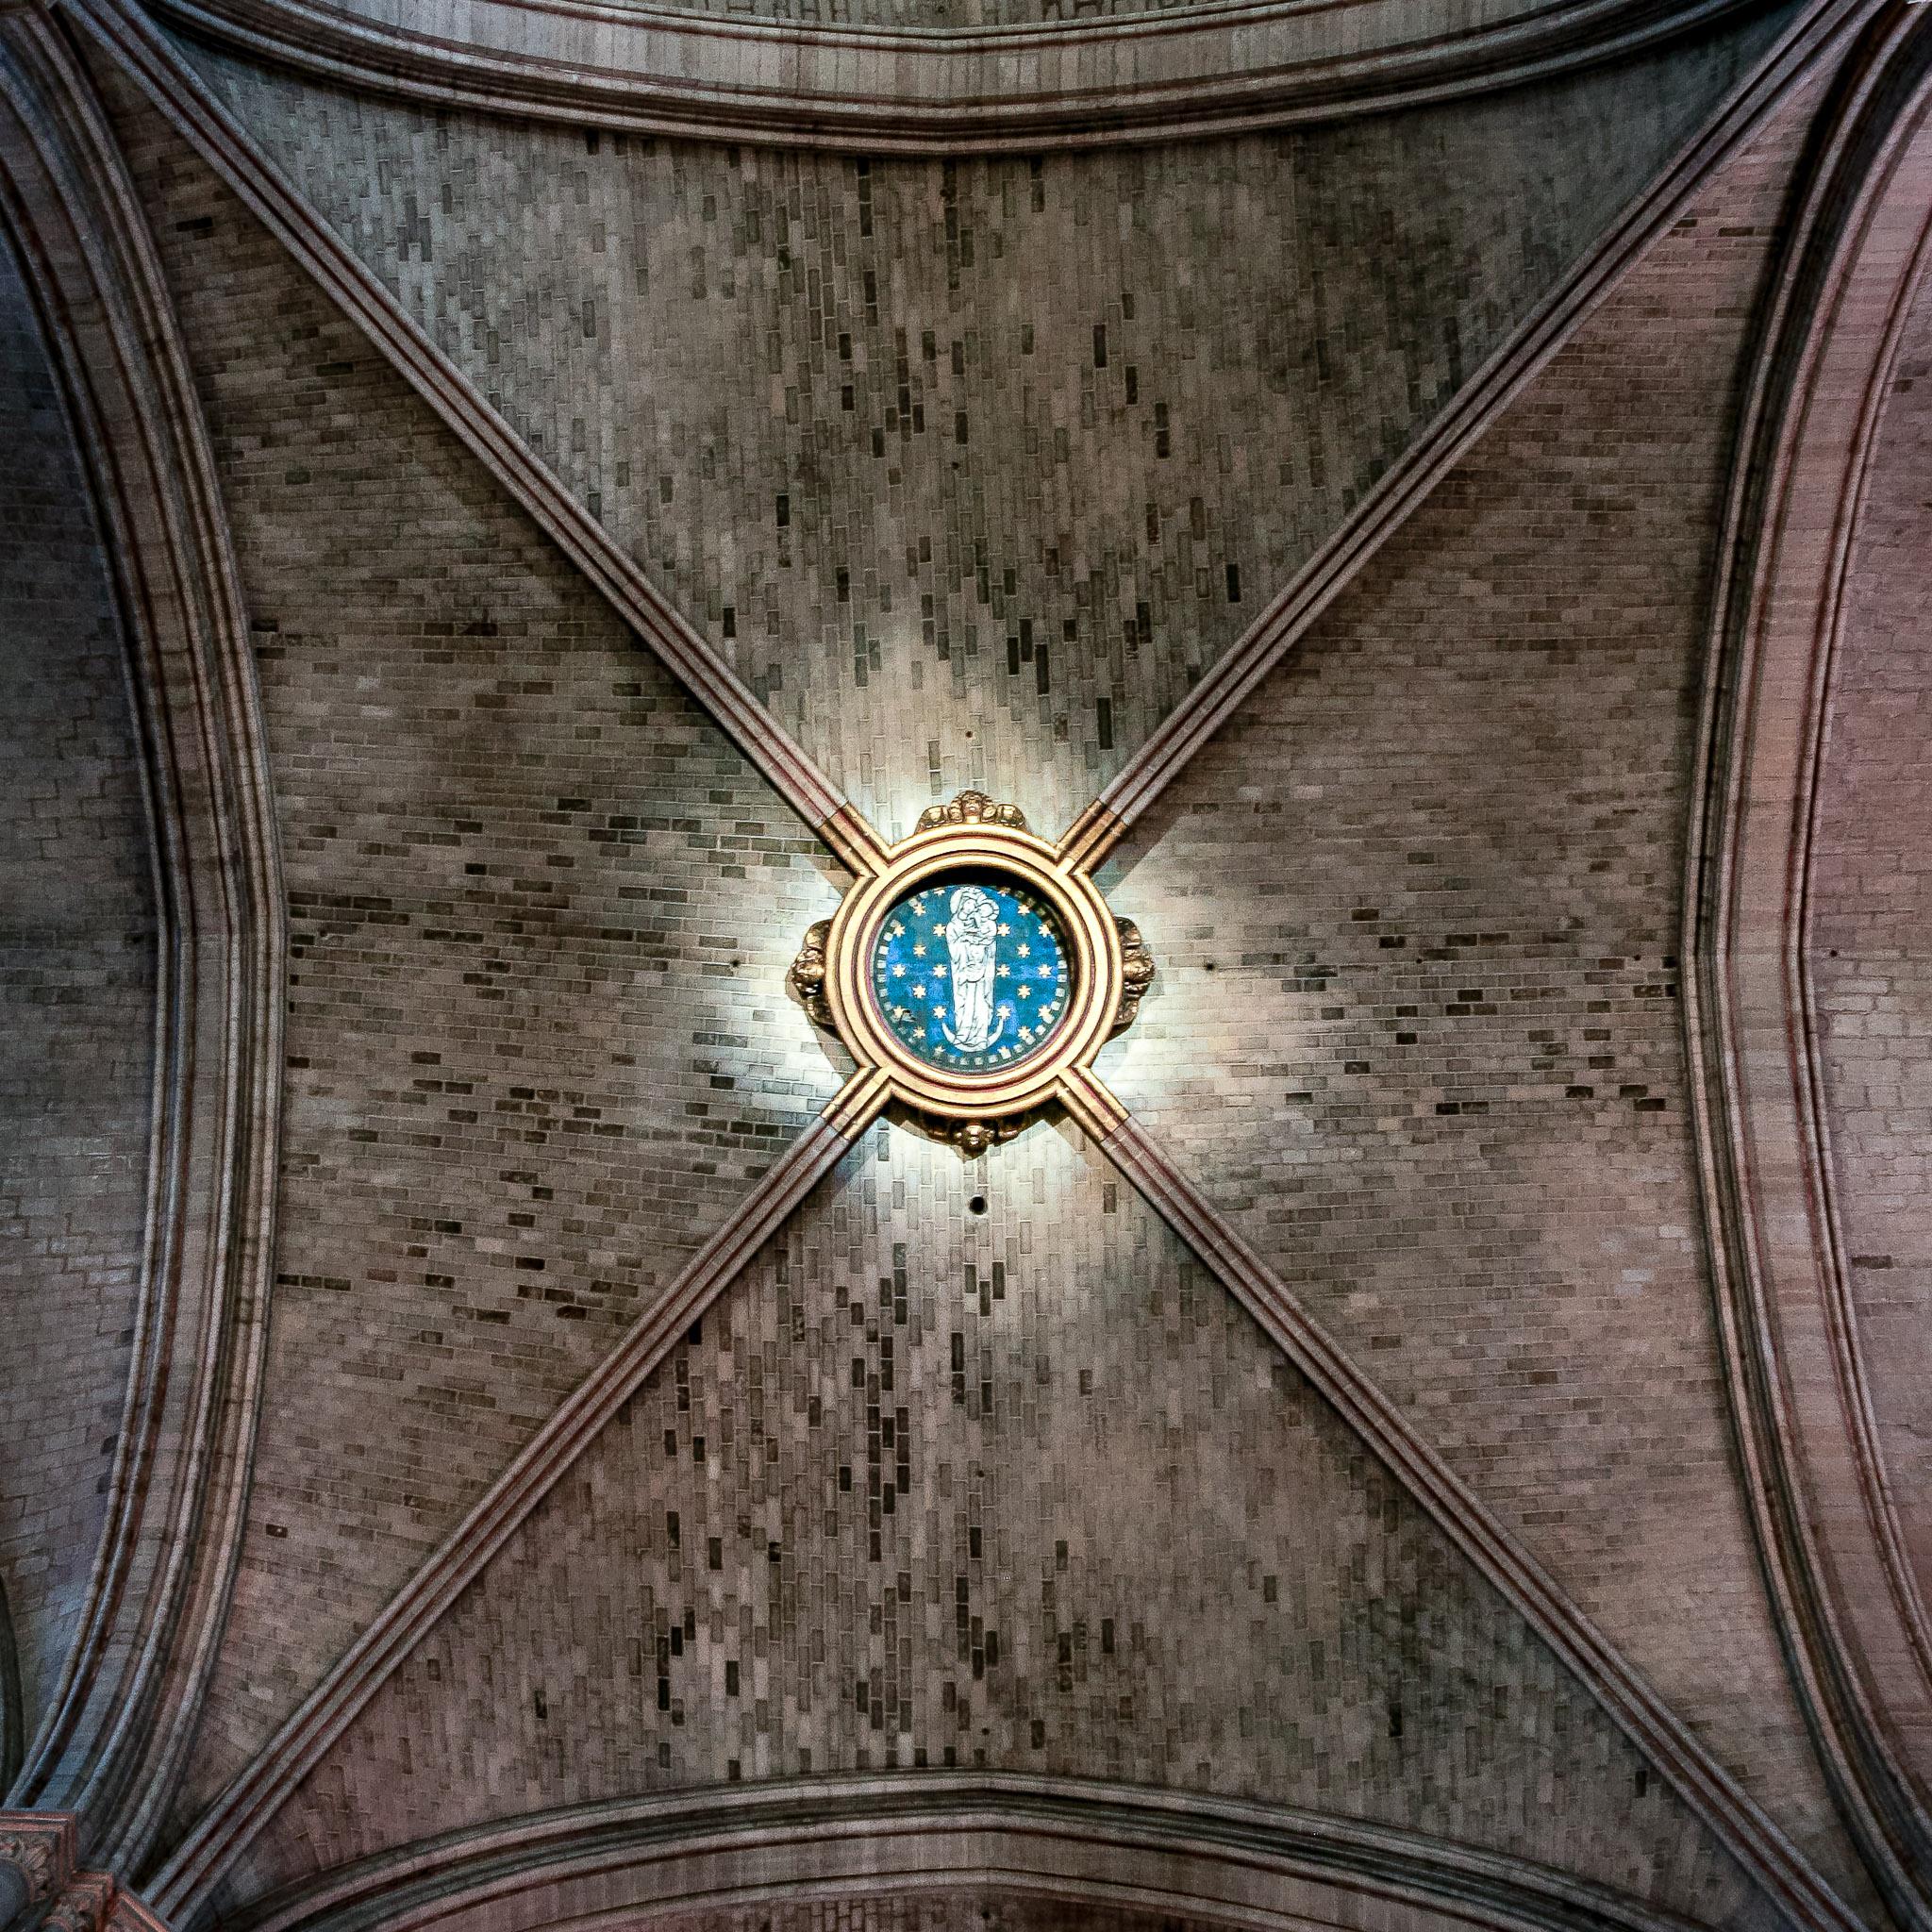 Notre Dame ceiling, photo by Matt Giraud